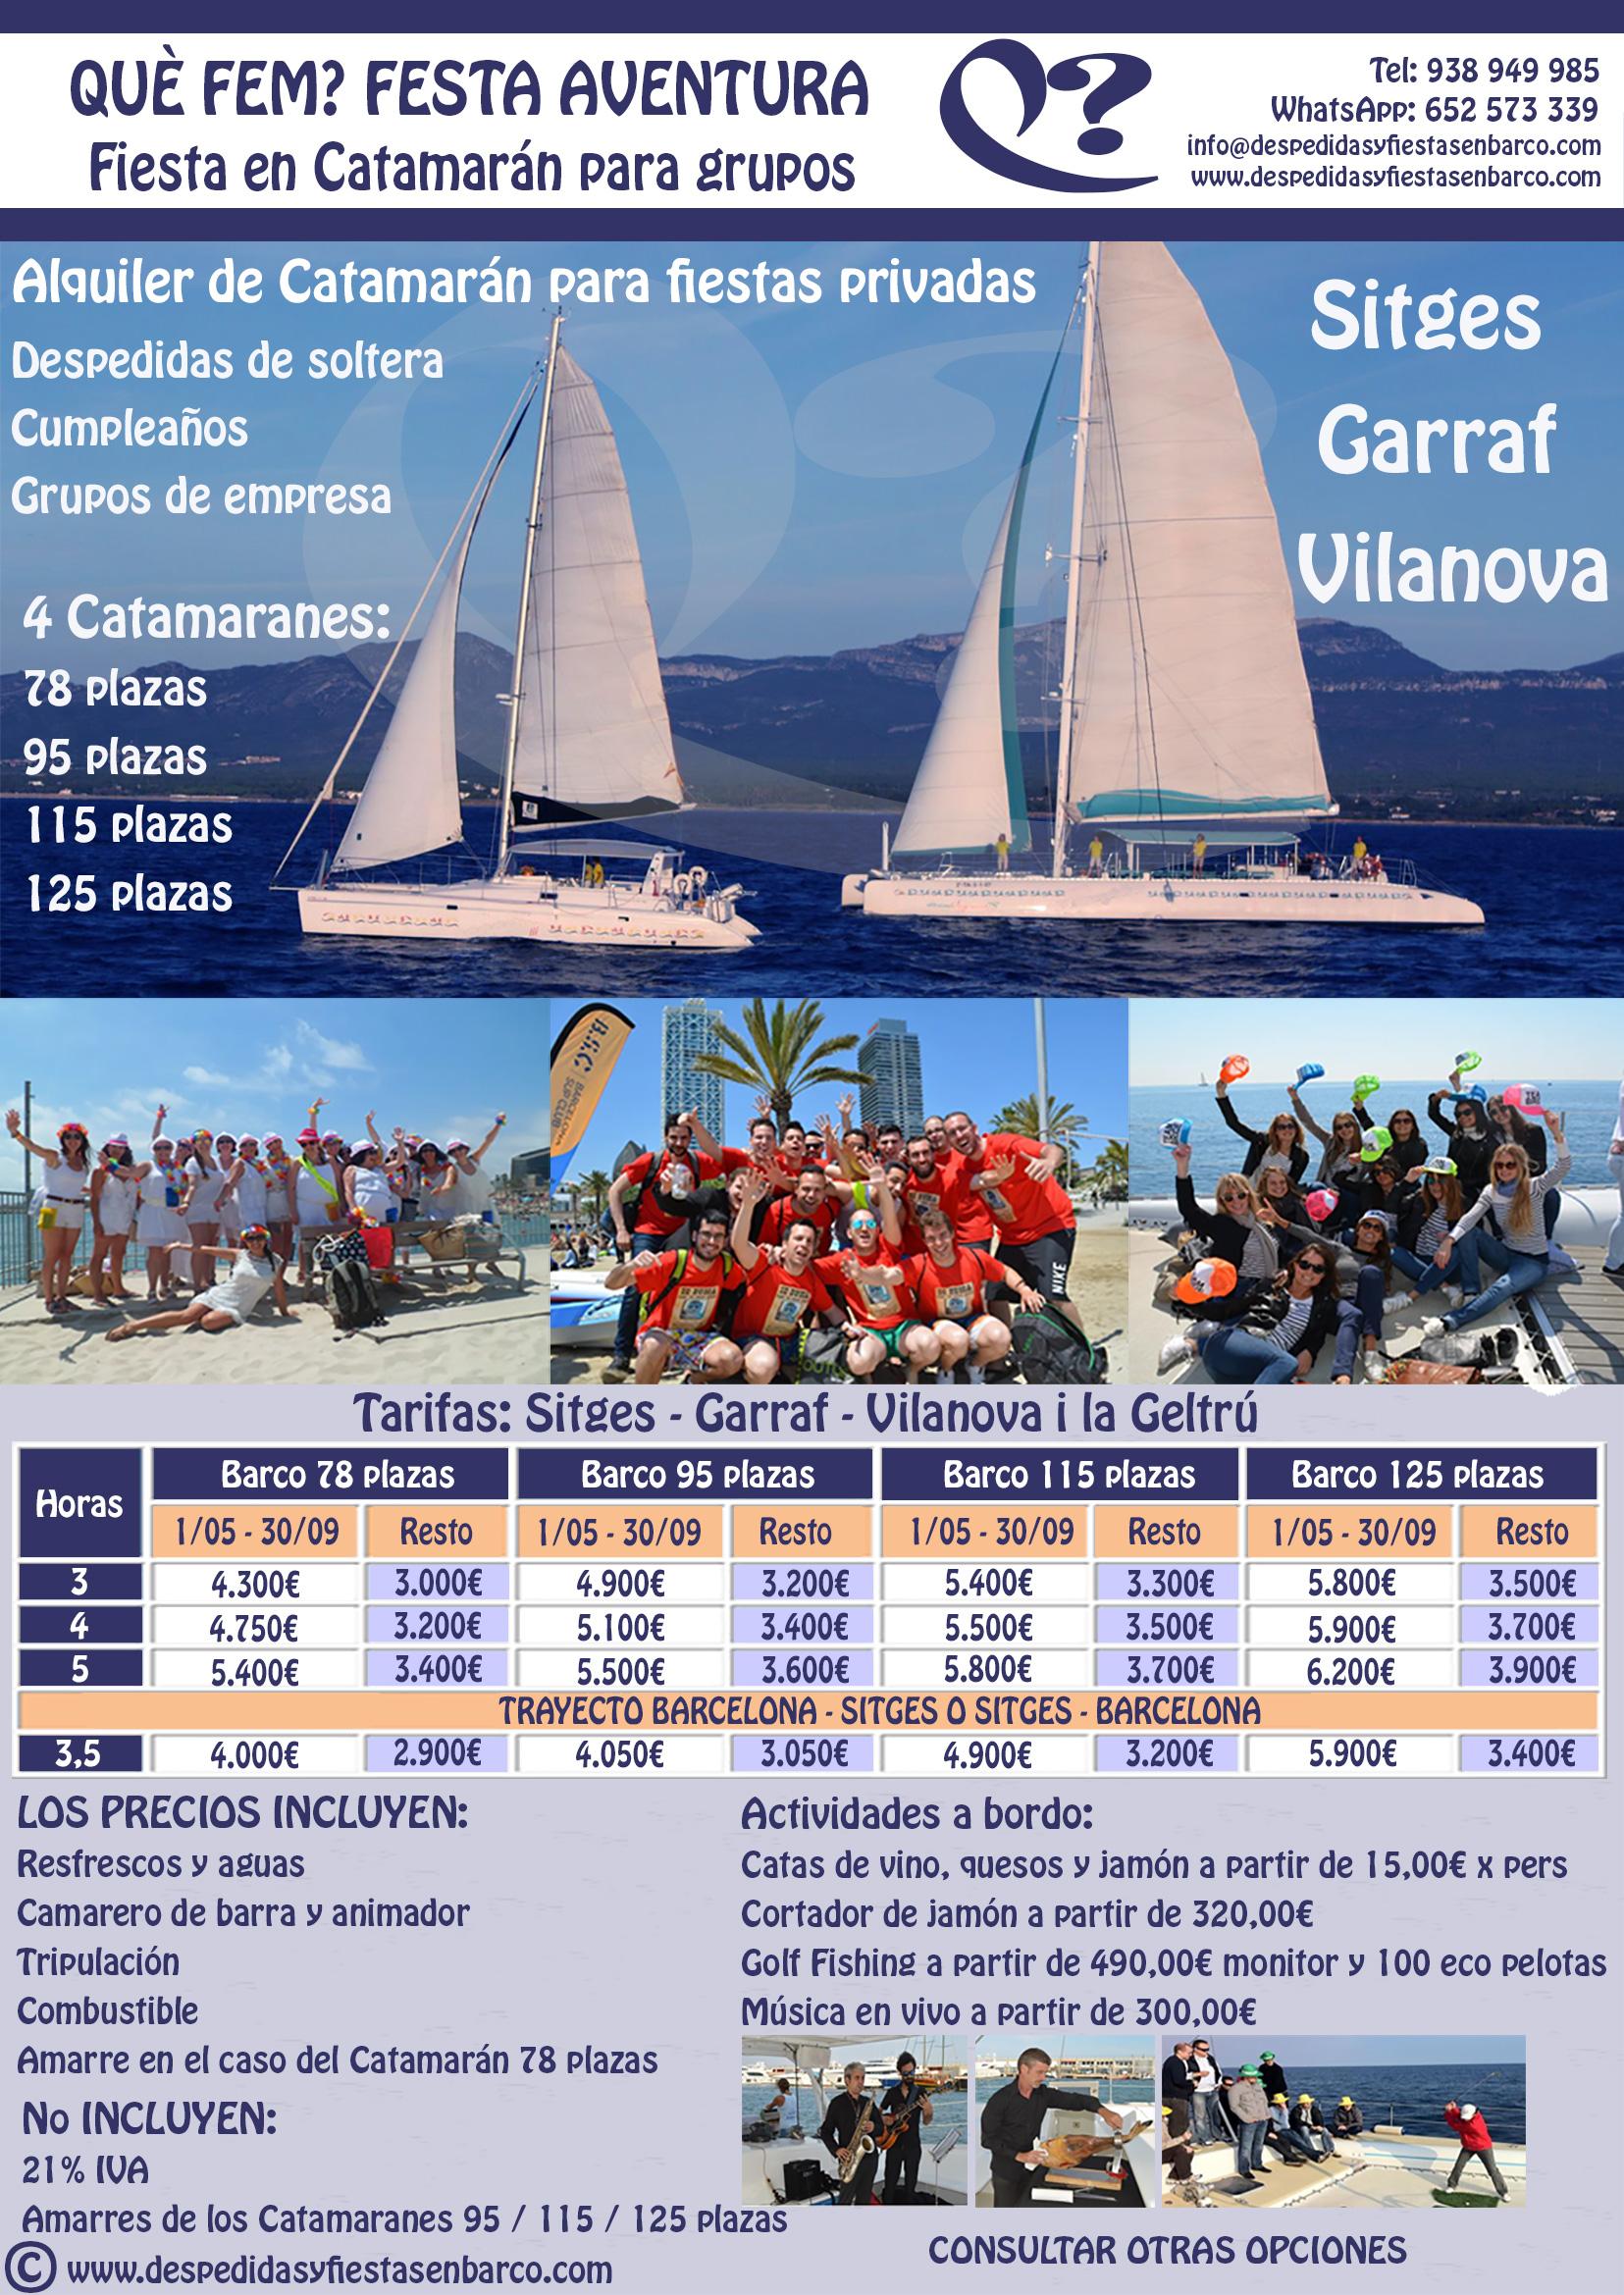 Alquiler de Barcos tipo Catamarán para fiestas privadas en Sitges, Garraf y Vilanova i la Geltrú